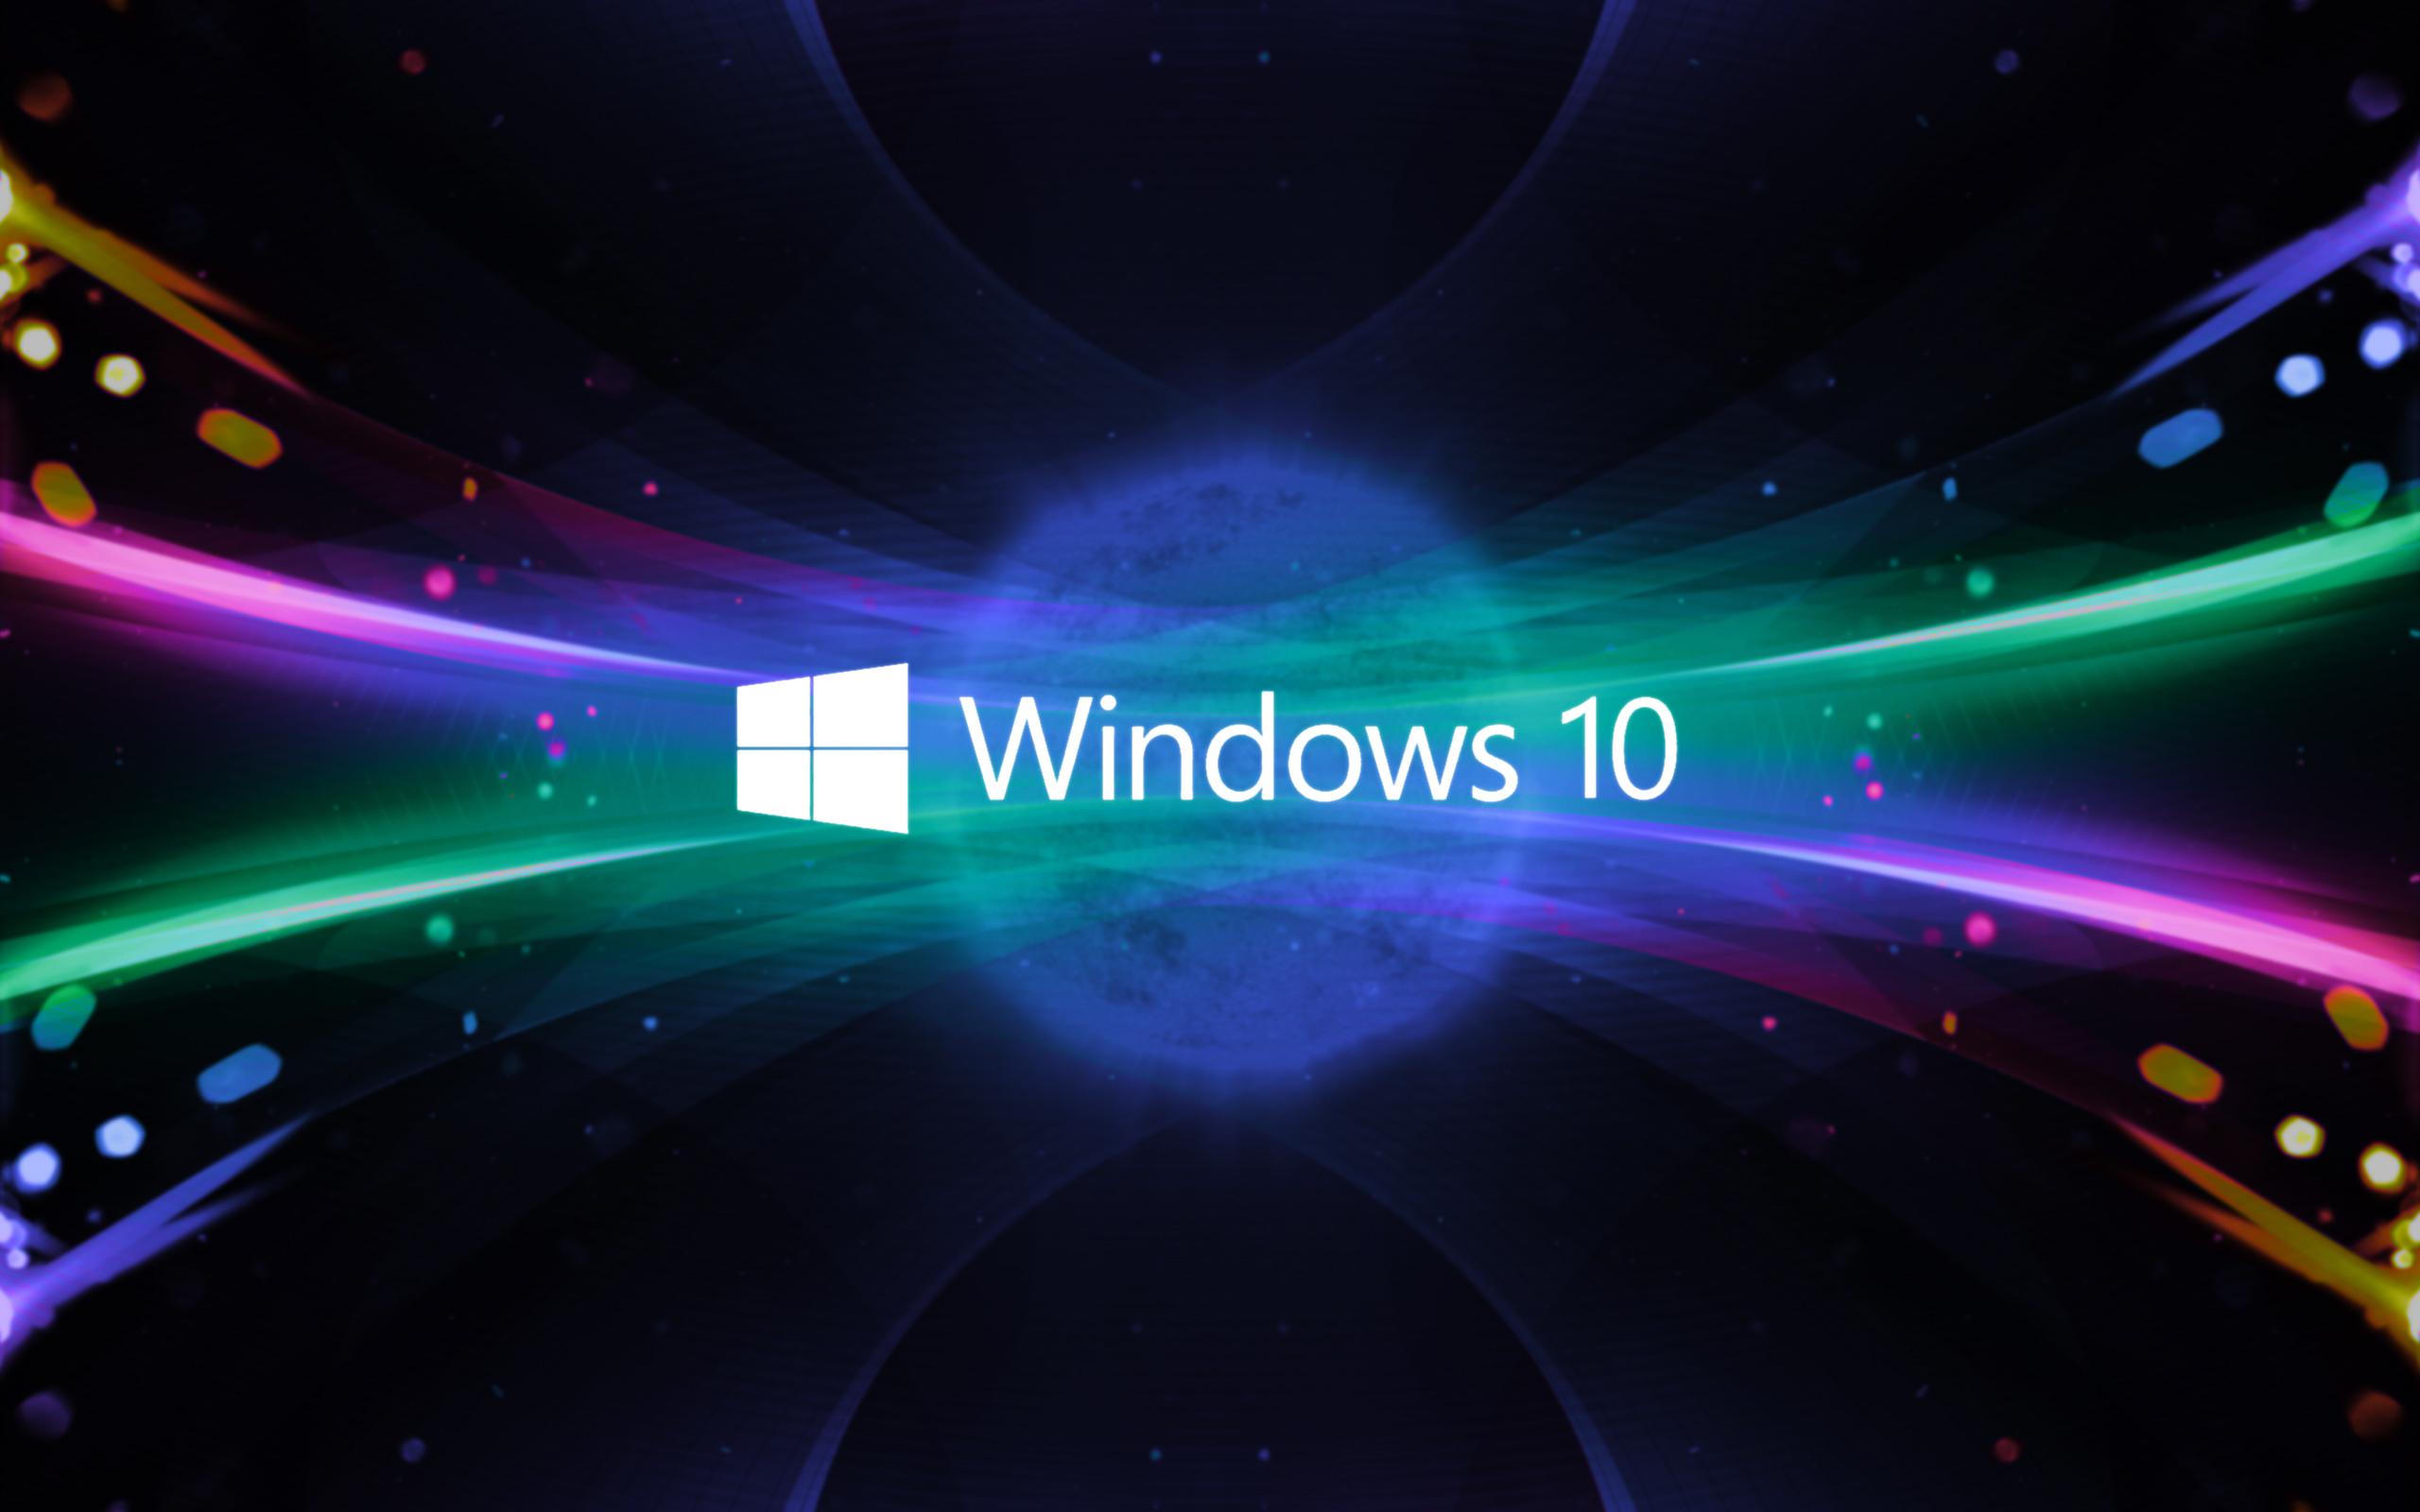 Windows 10 Hakkındaki Tüm Soruların Yanıtı Burada!